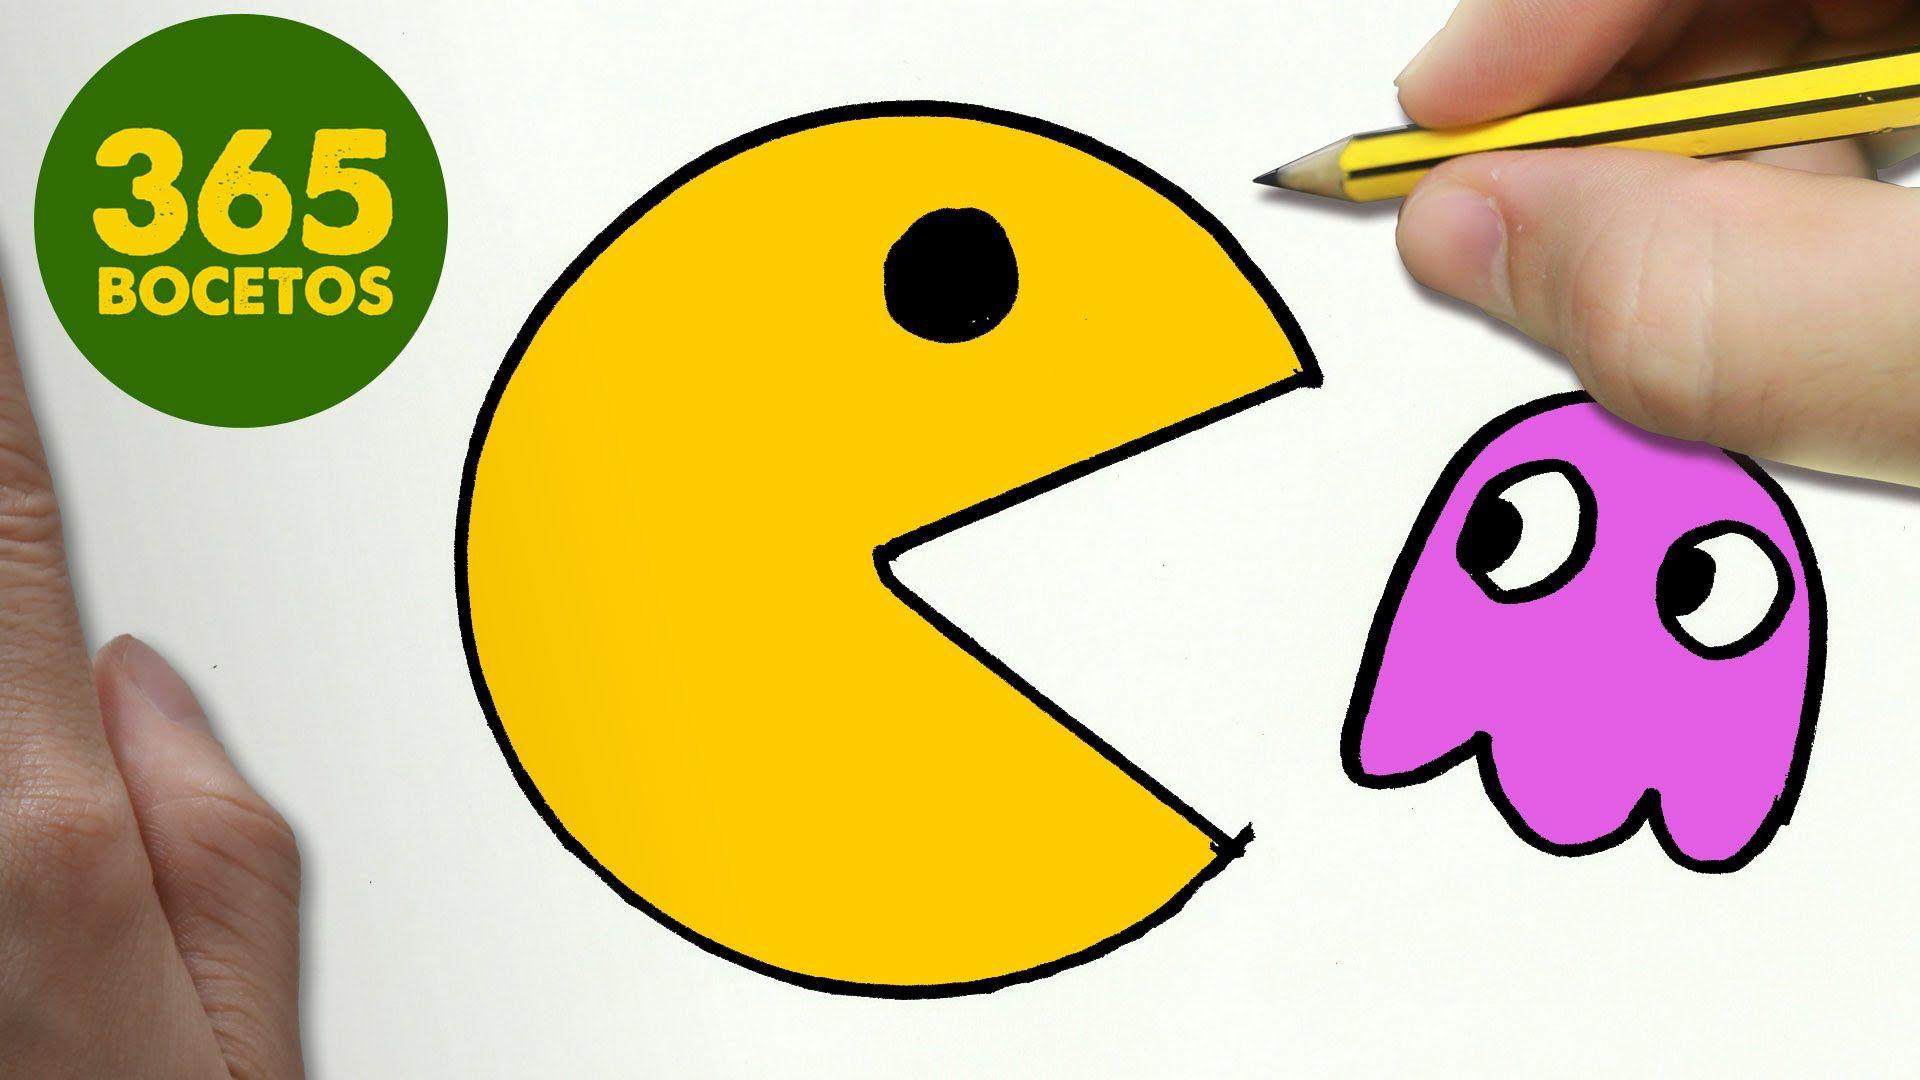 Dibujos Infantiles Para Colorear De Hamsters: Dibujos Animados Para Dibujar Faciles. Free Hamster